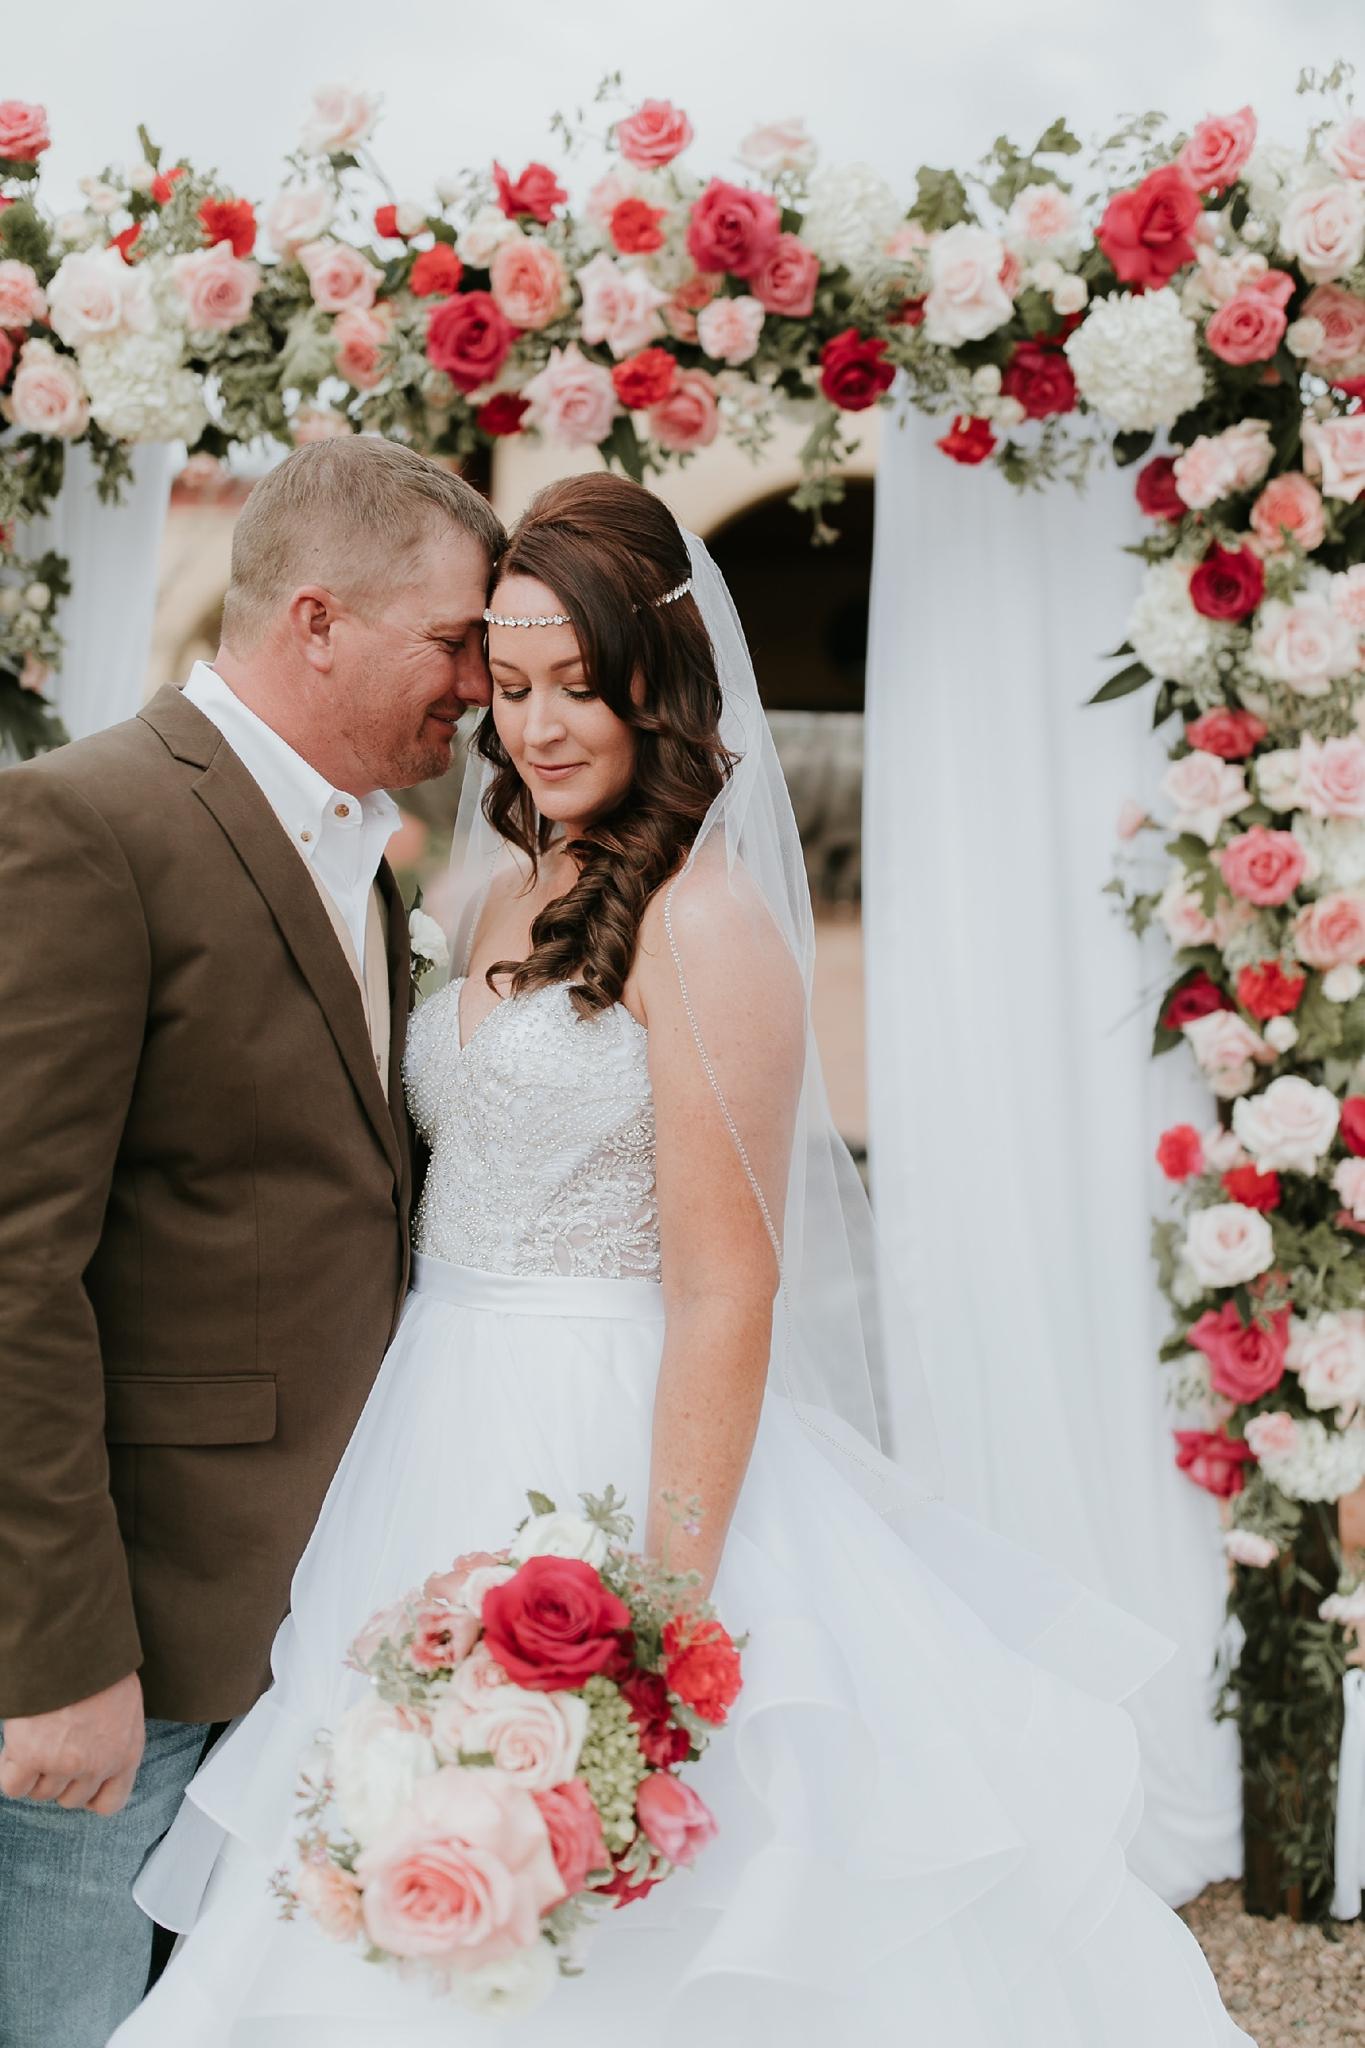 Alicia+lucia+photography+-+albuquerque+wedding+photographer+-+santa+fe+wedding+photography+-+new+mexico+wedding+photographer+-+wedding+ceremony+-+wedding+alter+-+floral+alter_0065.jpg